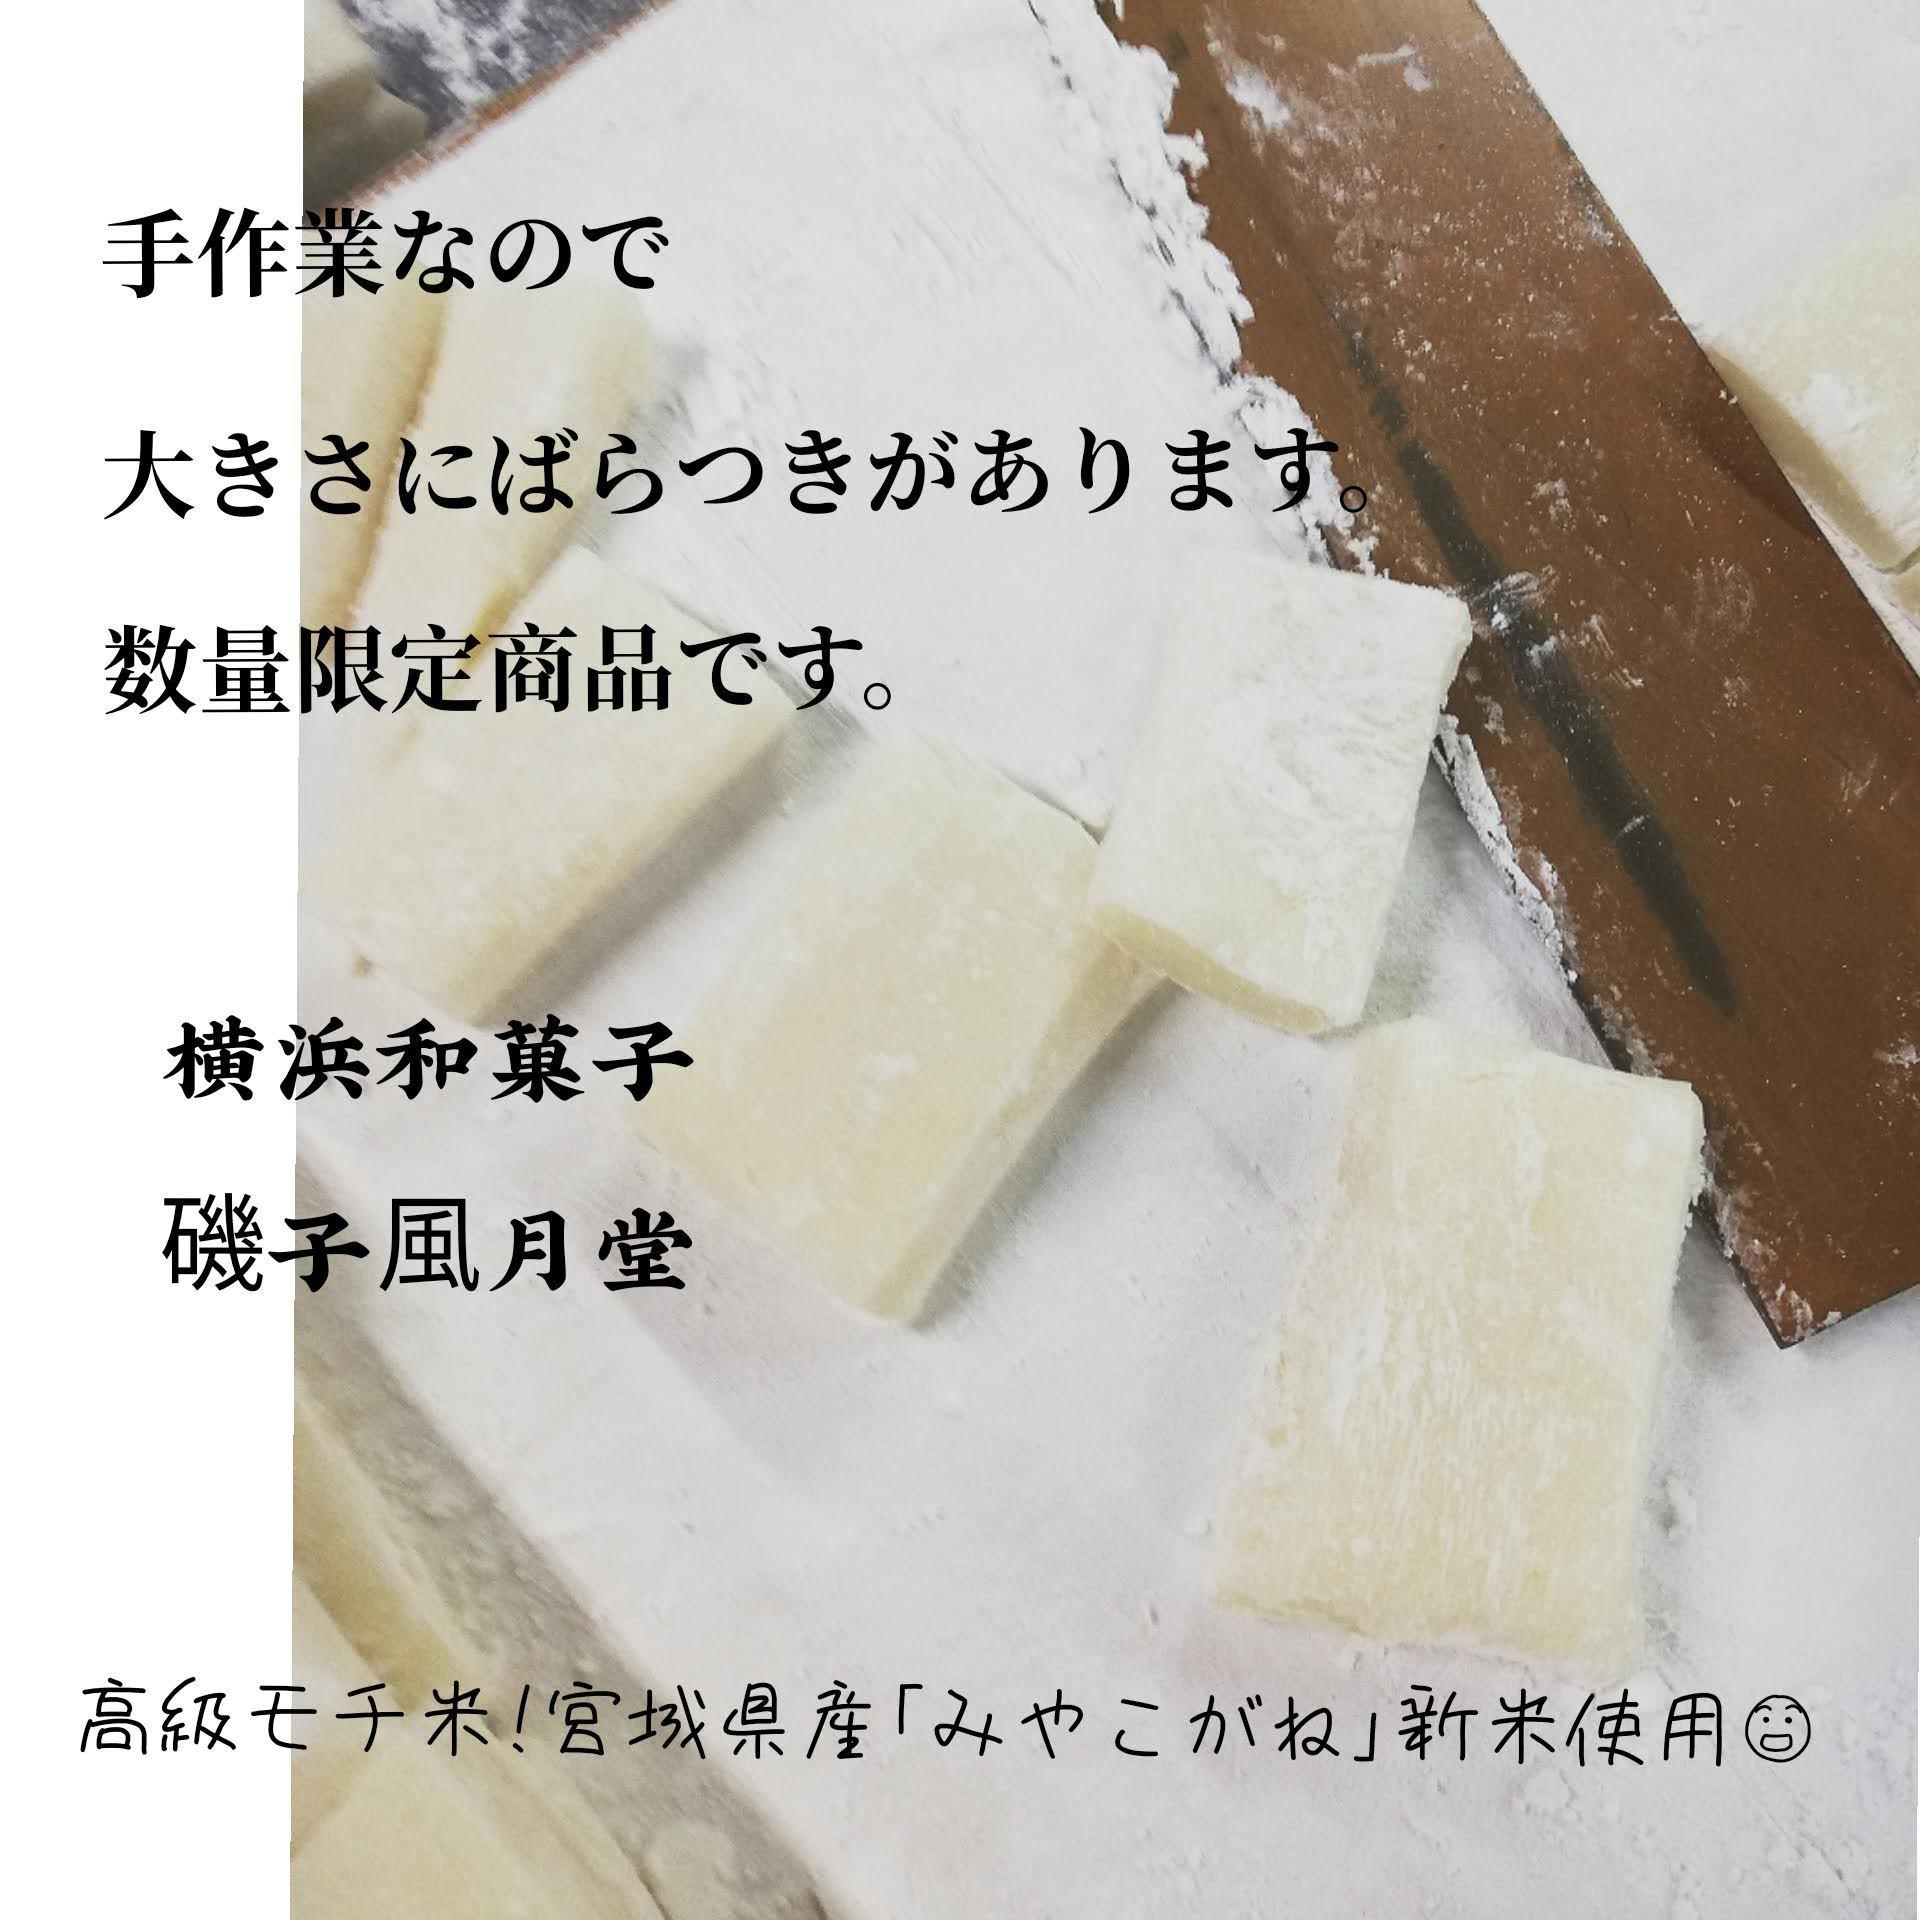 お正月のお餅 通販を始めました 横浜和菓子 磯子風月堂_e0092594_19574812.jpg